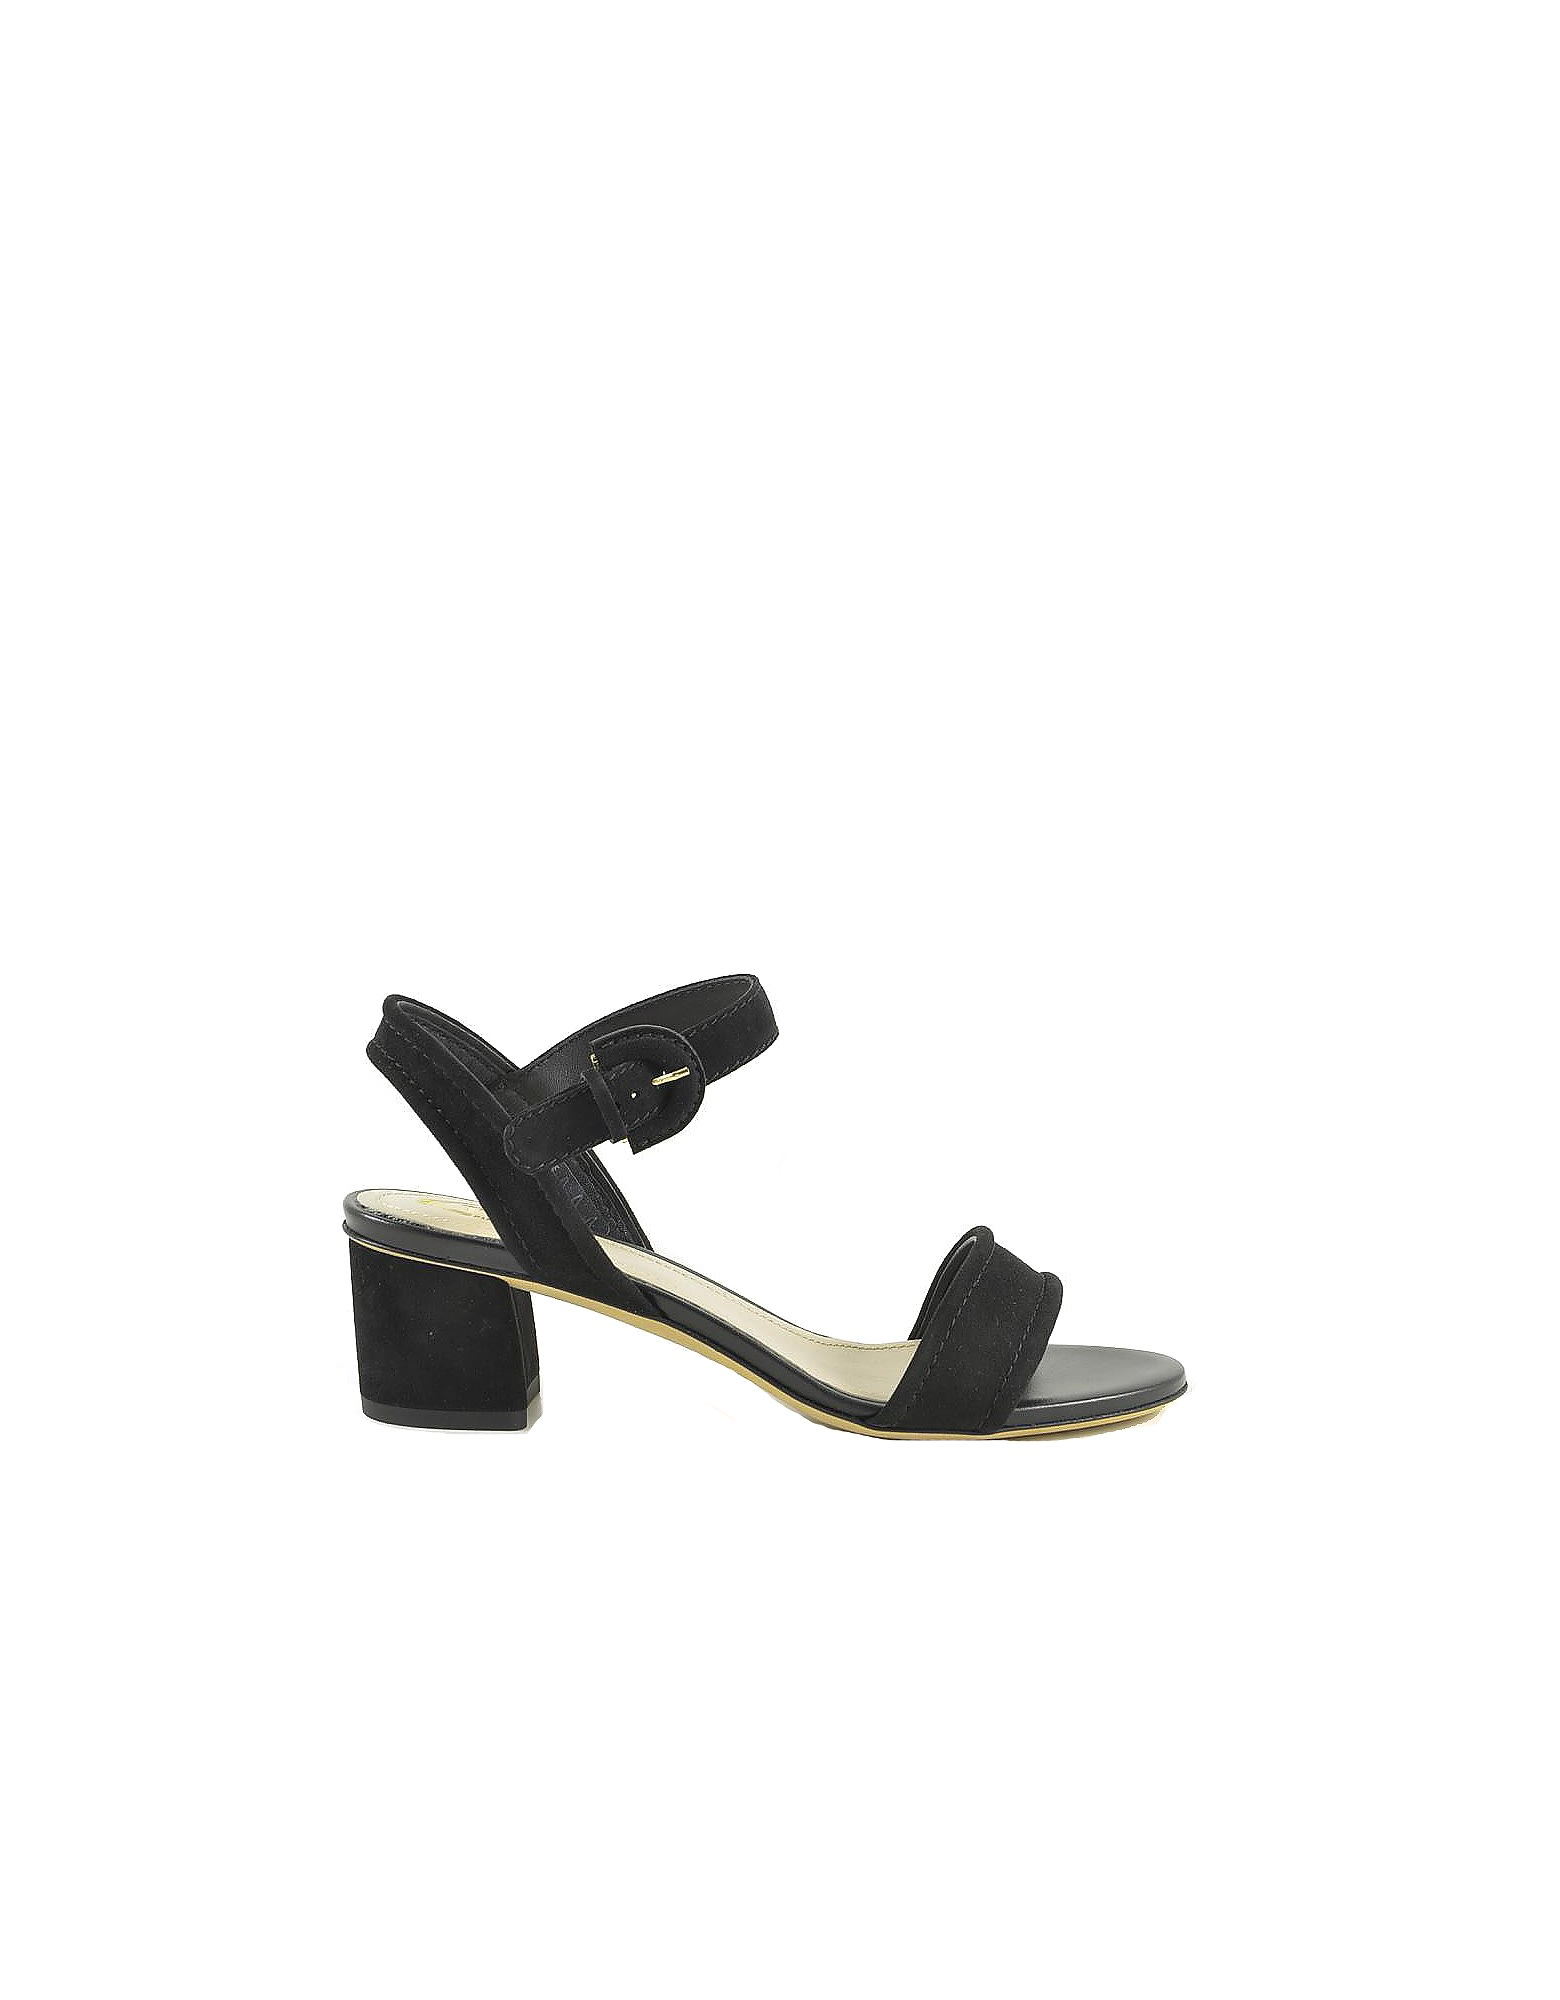 Tods Black Suede Mid-heel Sandals